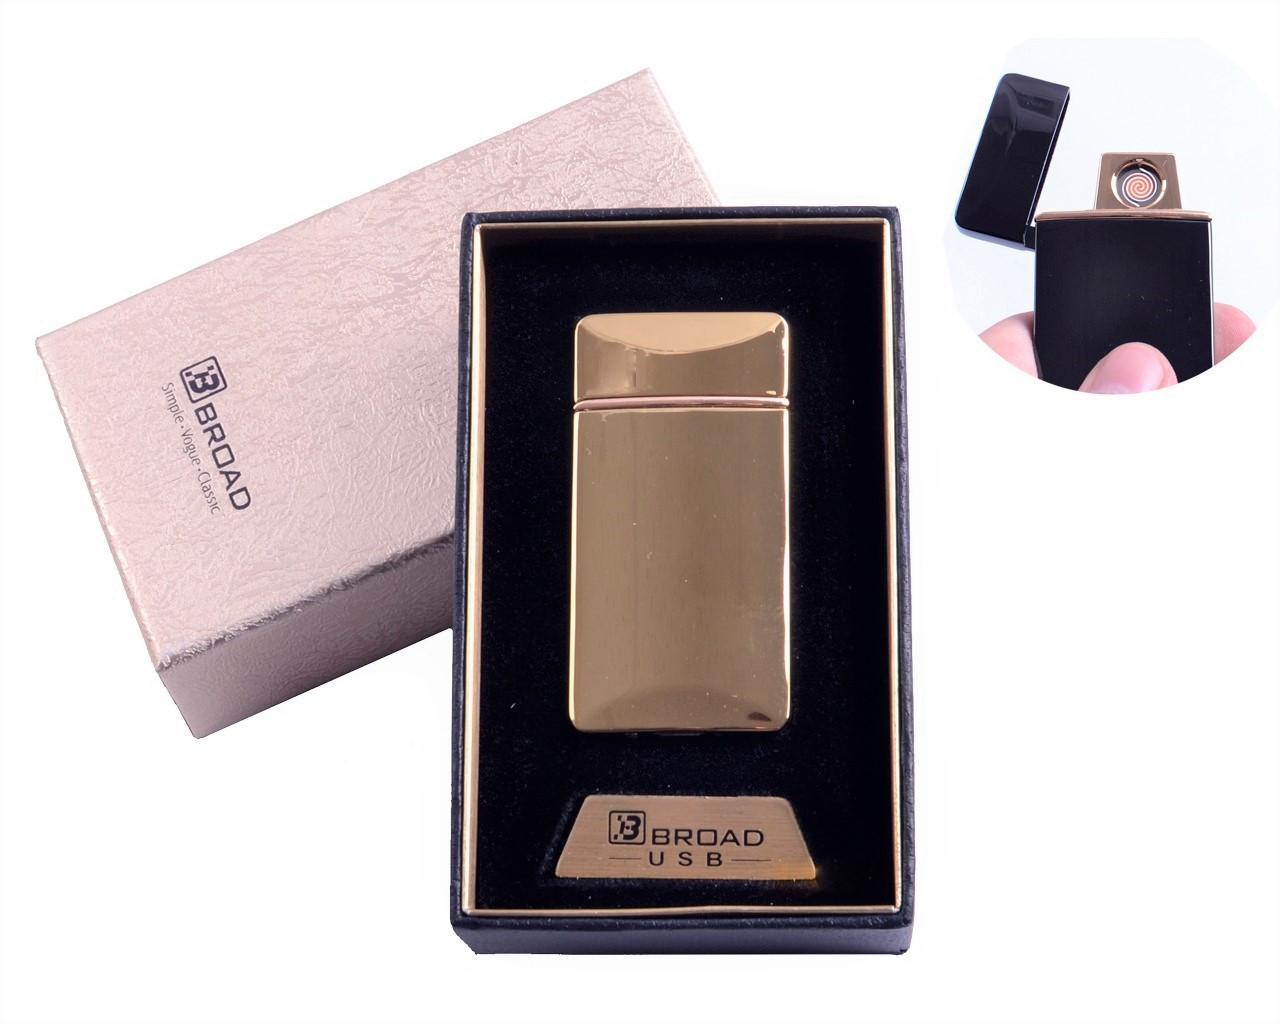 """Спиральная USB зажигалка """"Broad"""" №4851 Gold, отличный подарок, практичное приобретение, безотказная работа"""